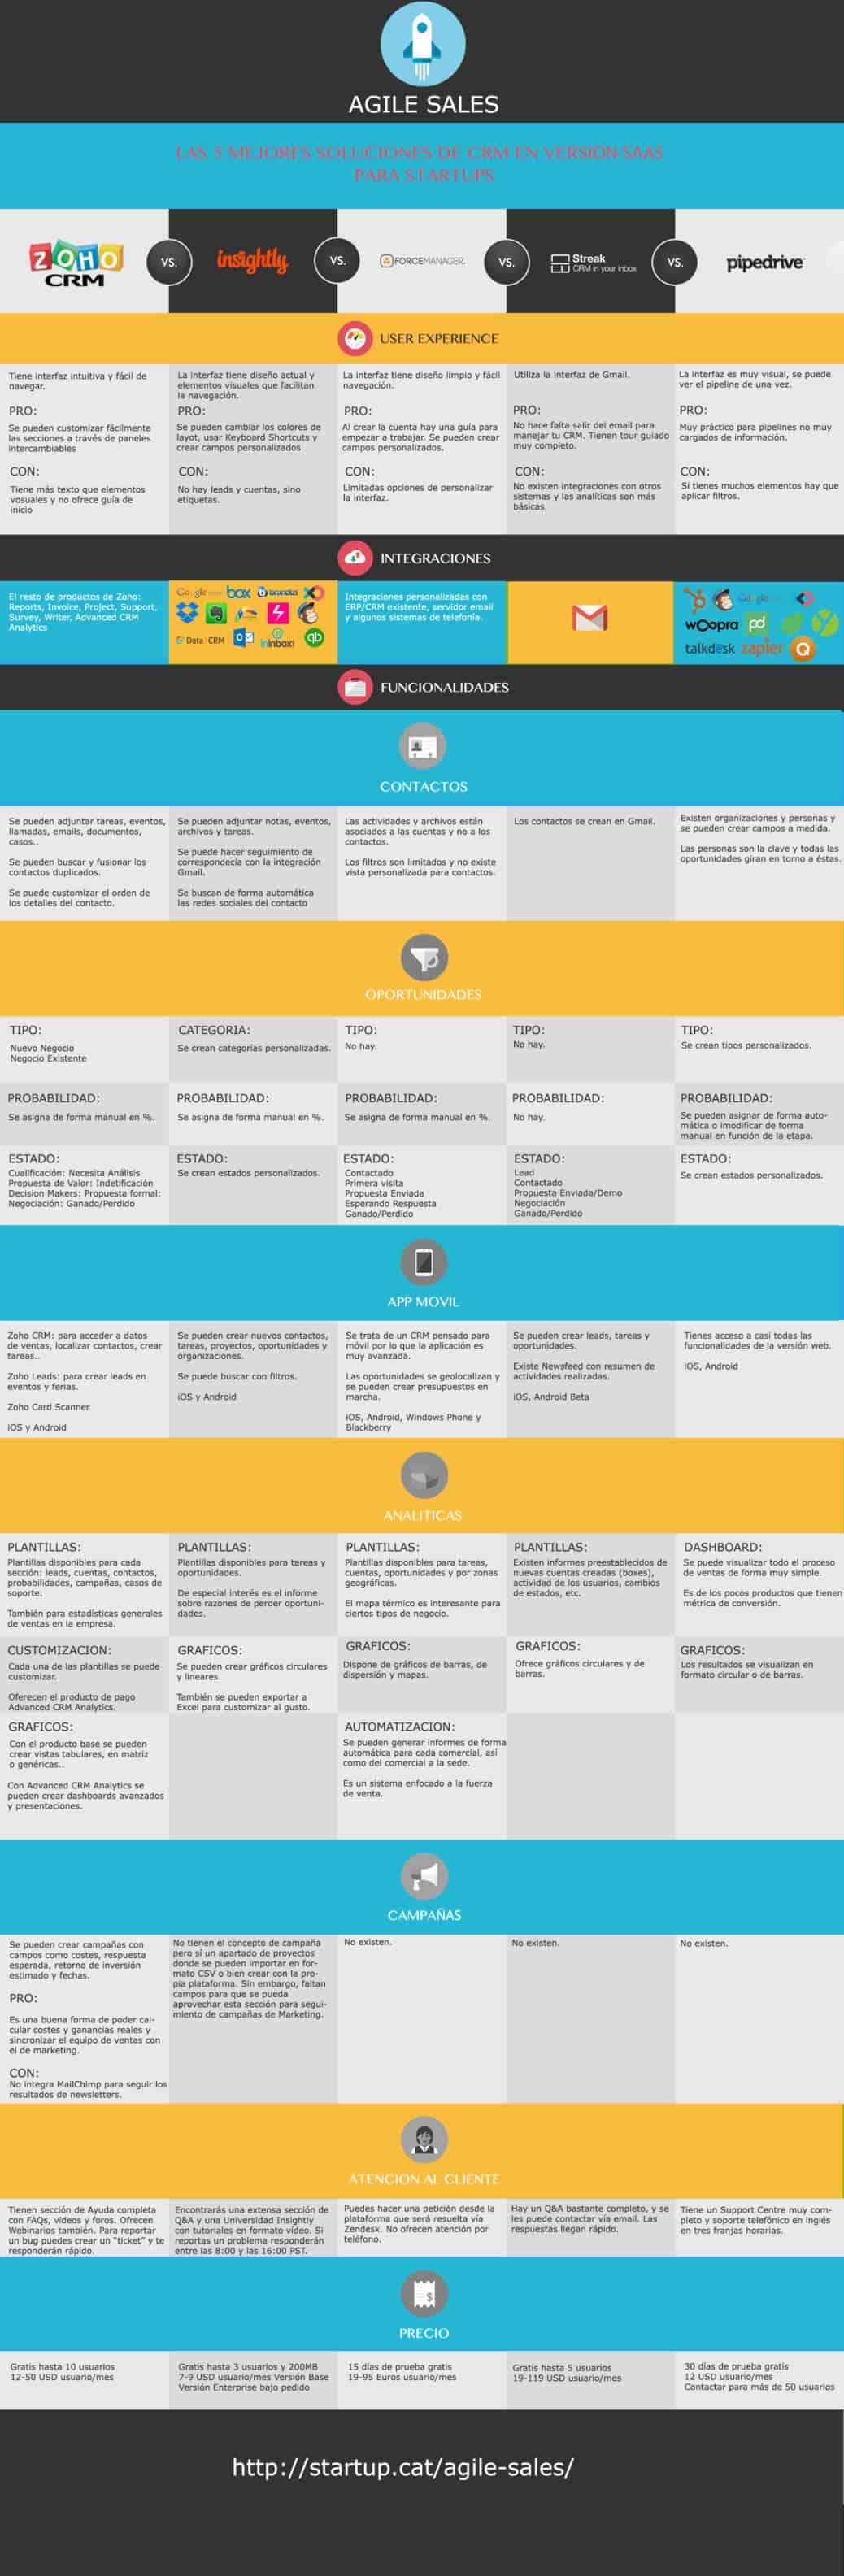 infografia-crm-agile-sales-v2-5-1038x3169